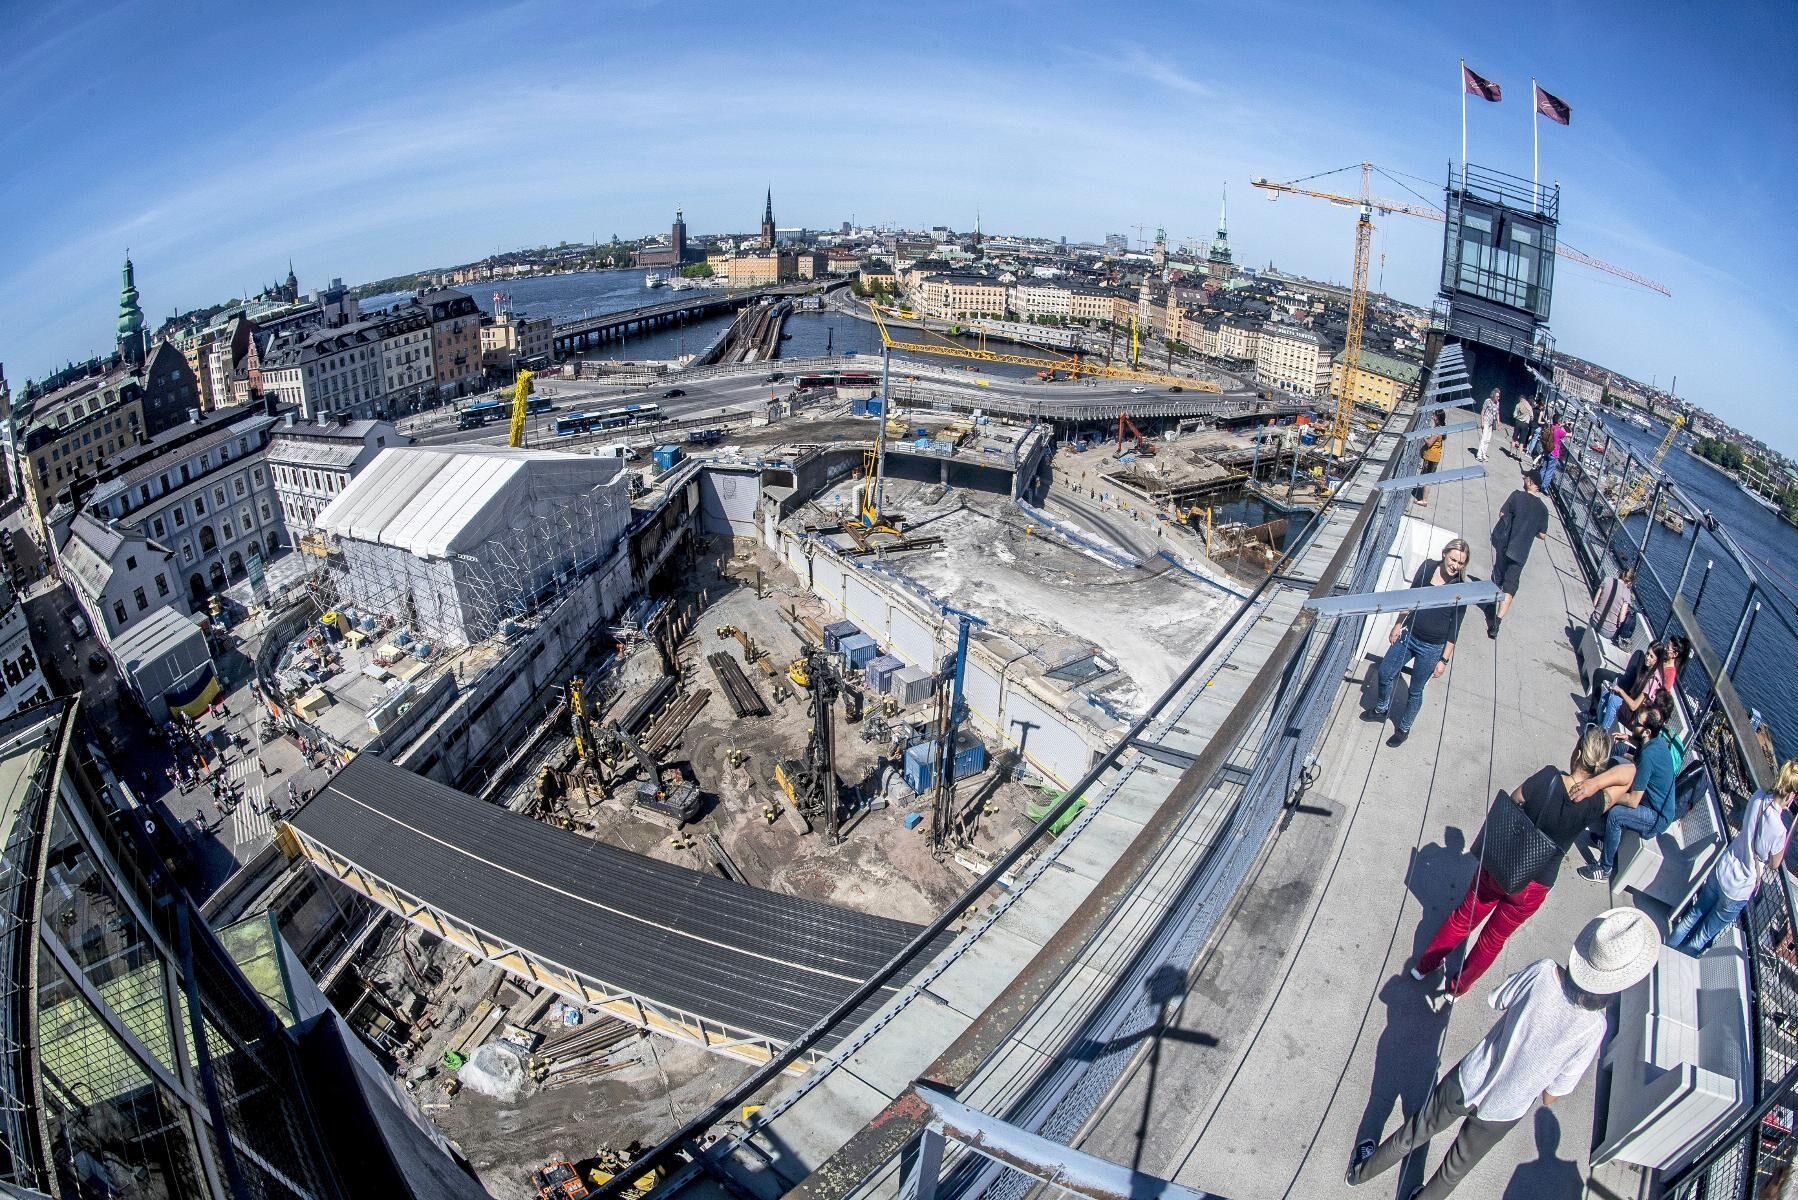 I samband med ombyggnaden av Slussen i Stockholm har Stockholms kommun fått ökade möjligheter att reglera vattenståndet i Mälaren, vilket påverkar hundratals lantbrukare runt sjön som nu kräver ersättning för den blötlagda marken.